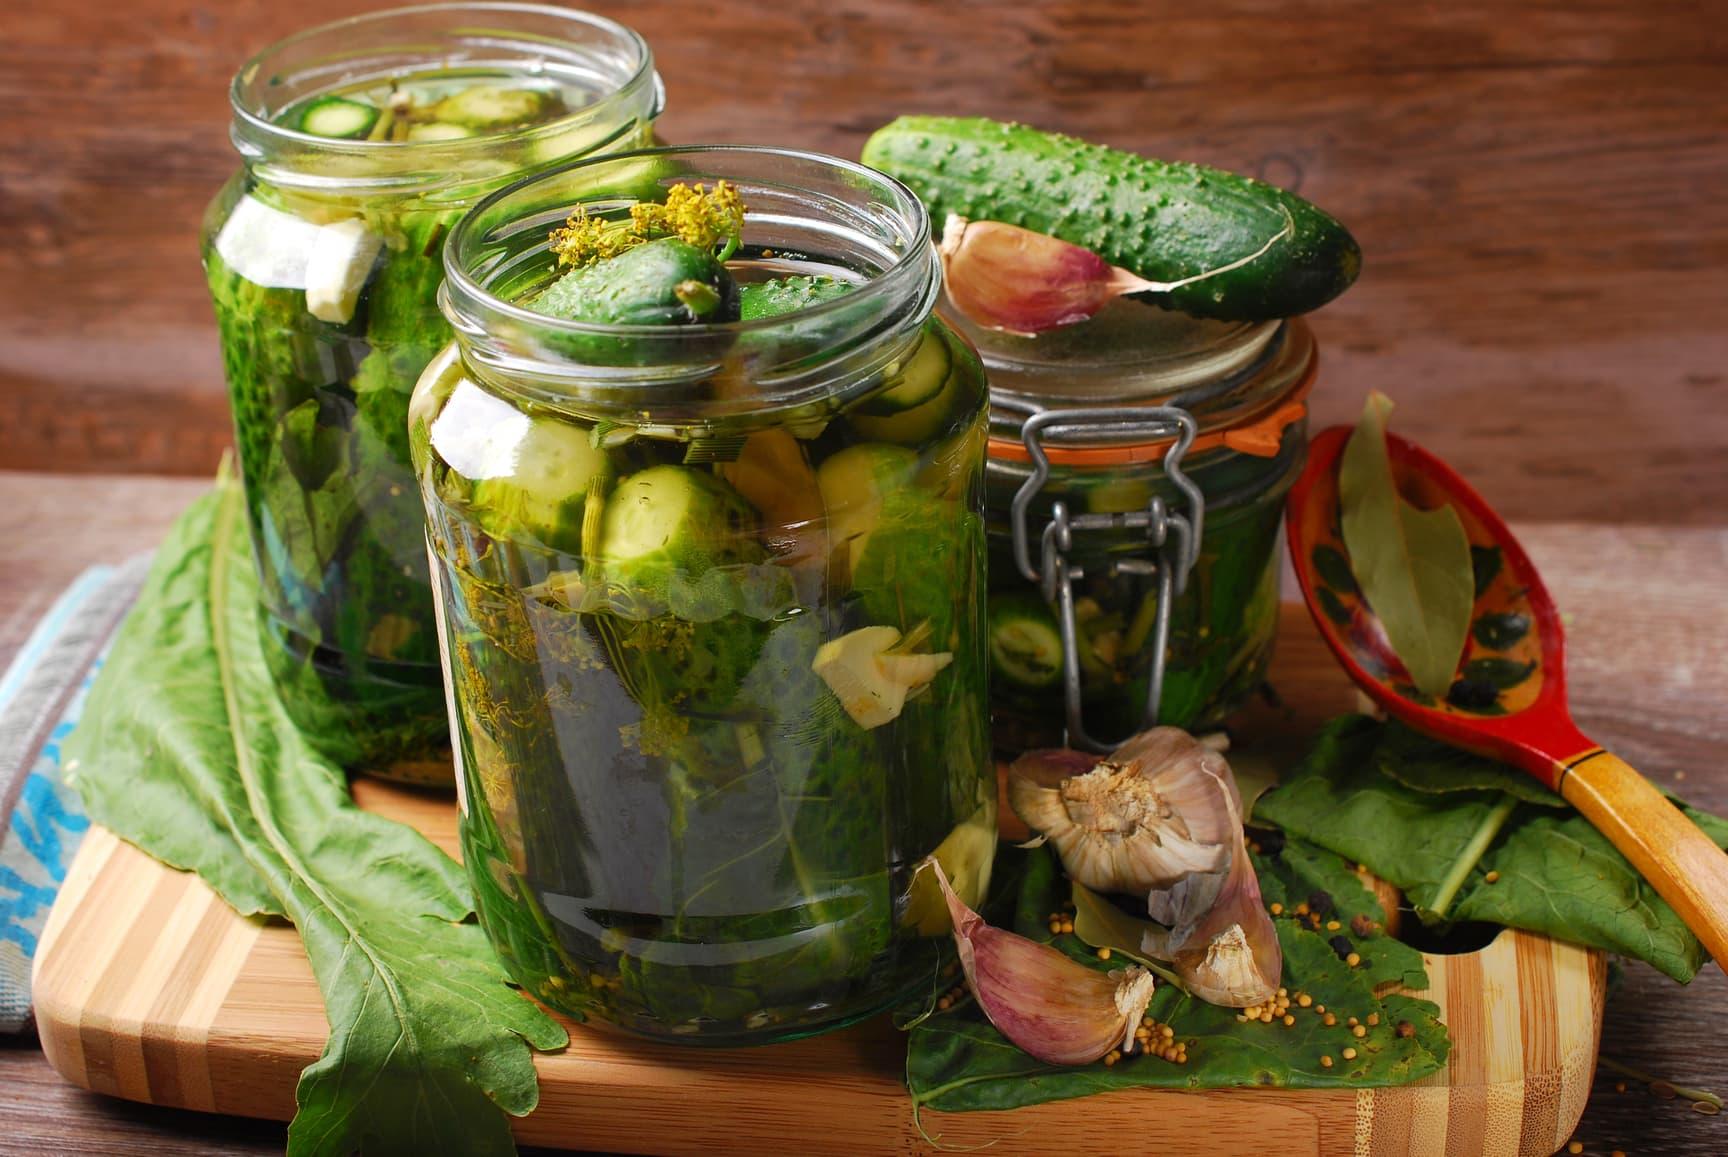 используем засолка огурцов на зиму рецепты с фото литейных